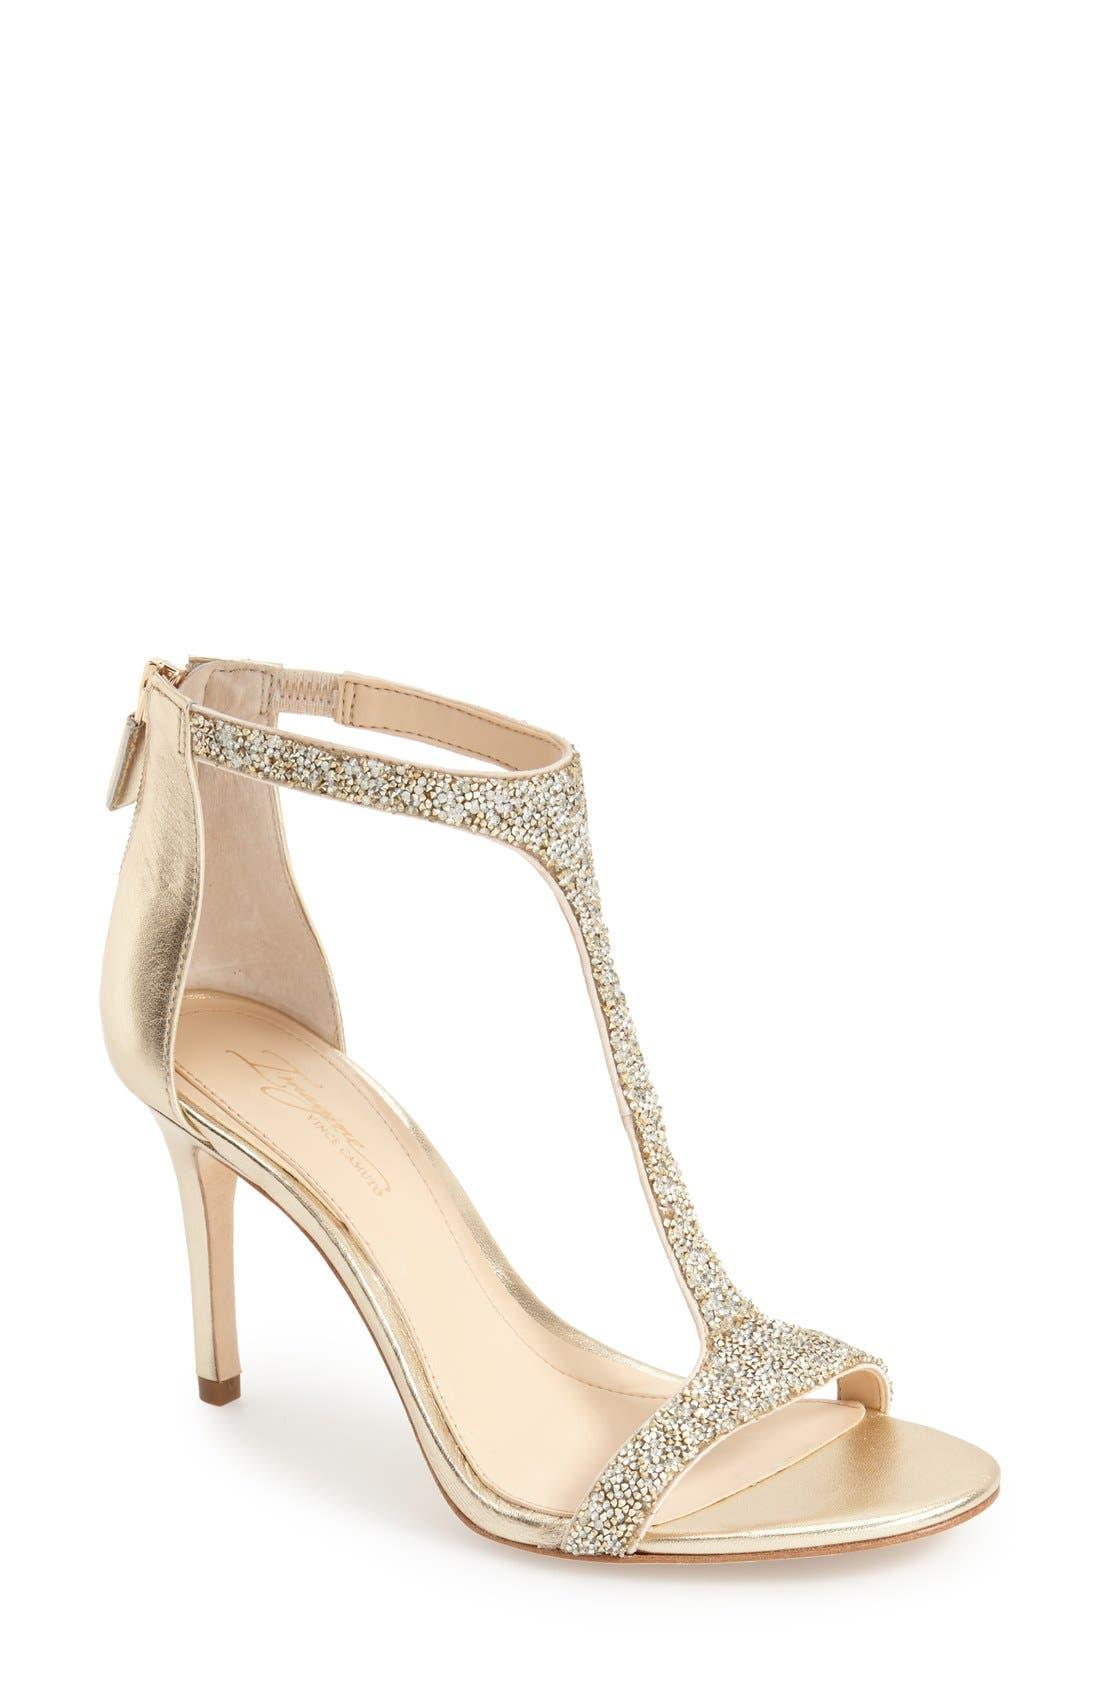 'Phoebe' Embellished T-Strap Sandal,                         Main,                         color, Crystal/Gold Nappa